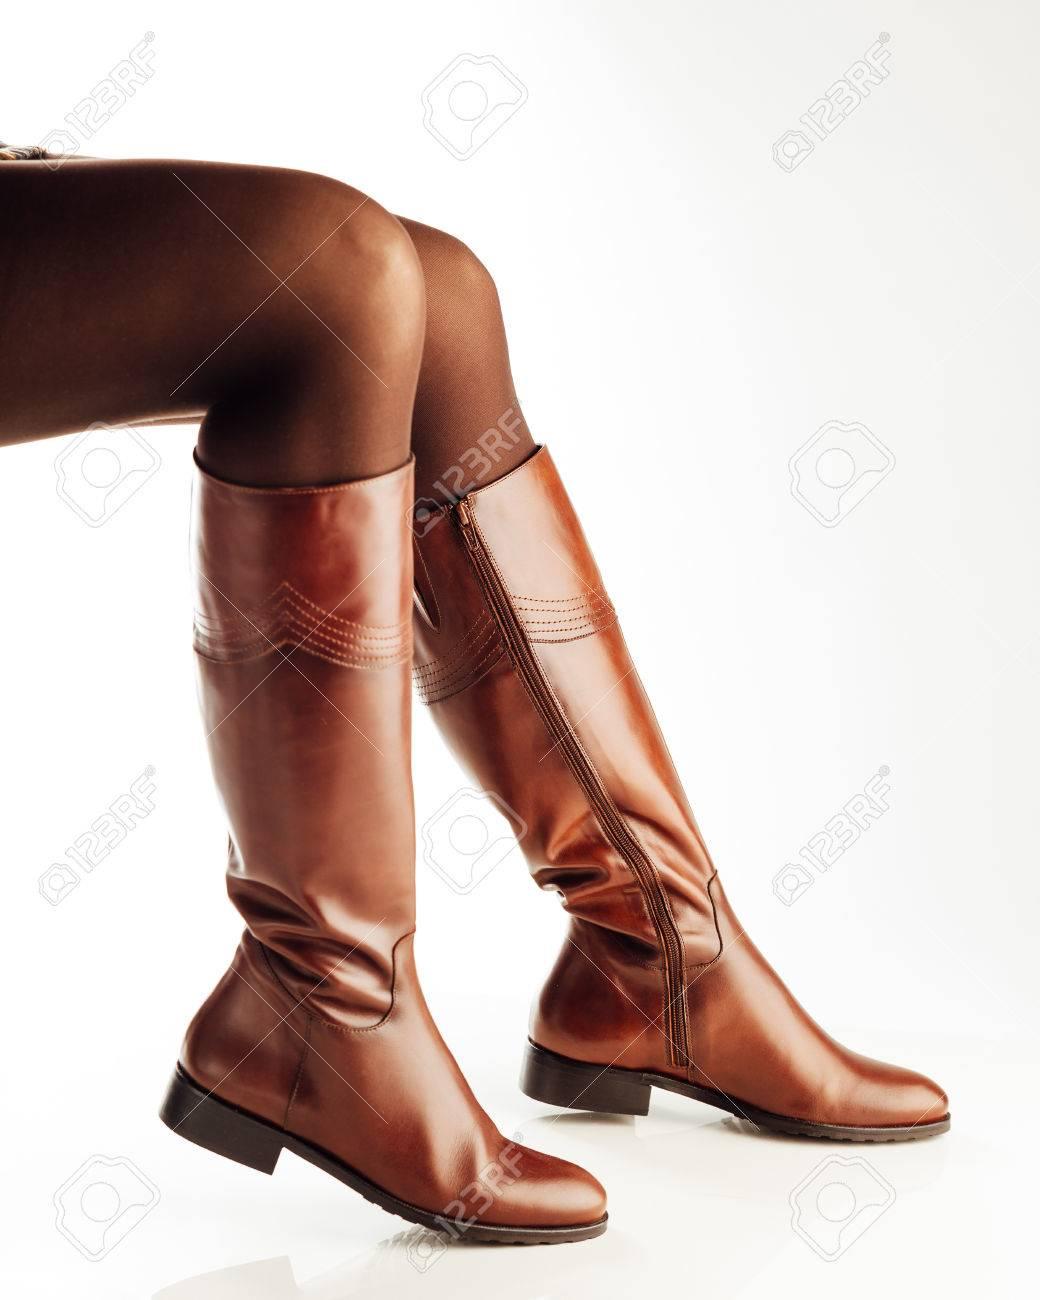 Piernas de la mujer con botas altas de cuero marrón, fondo blanco